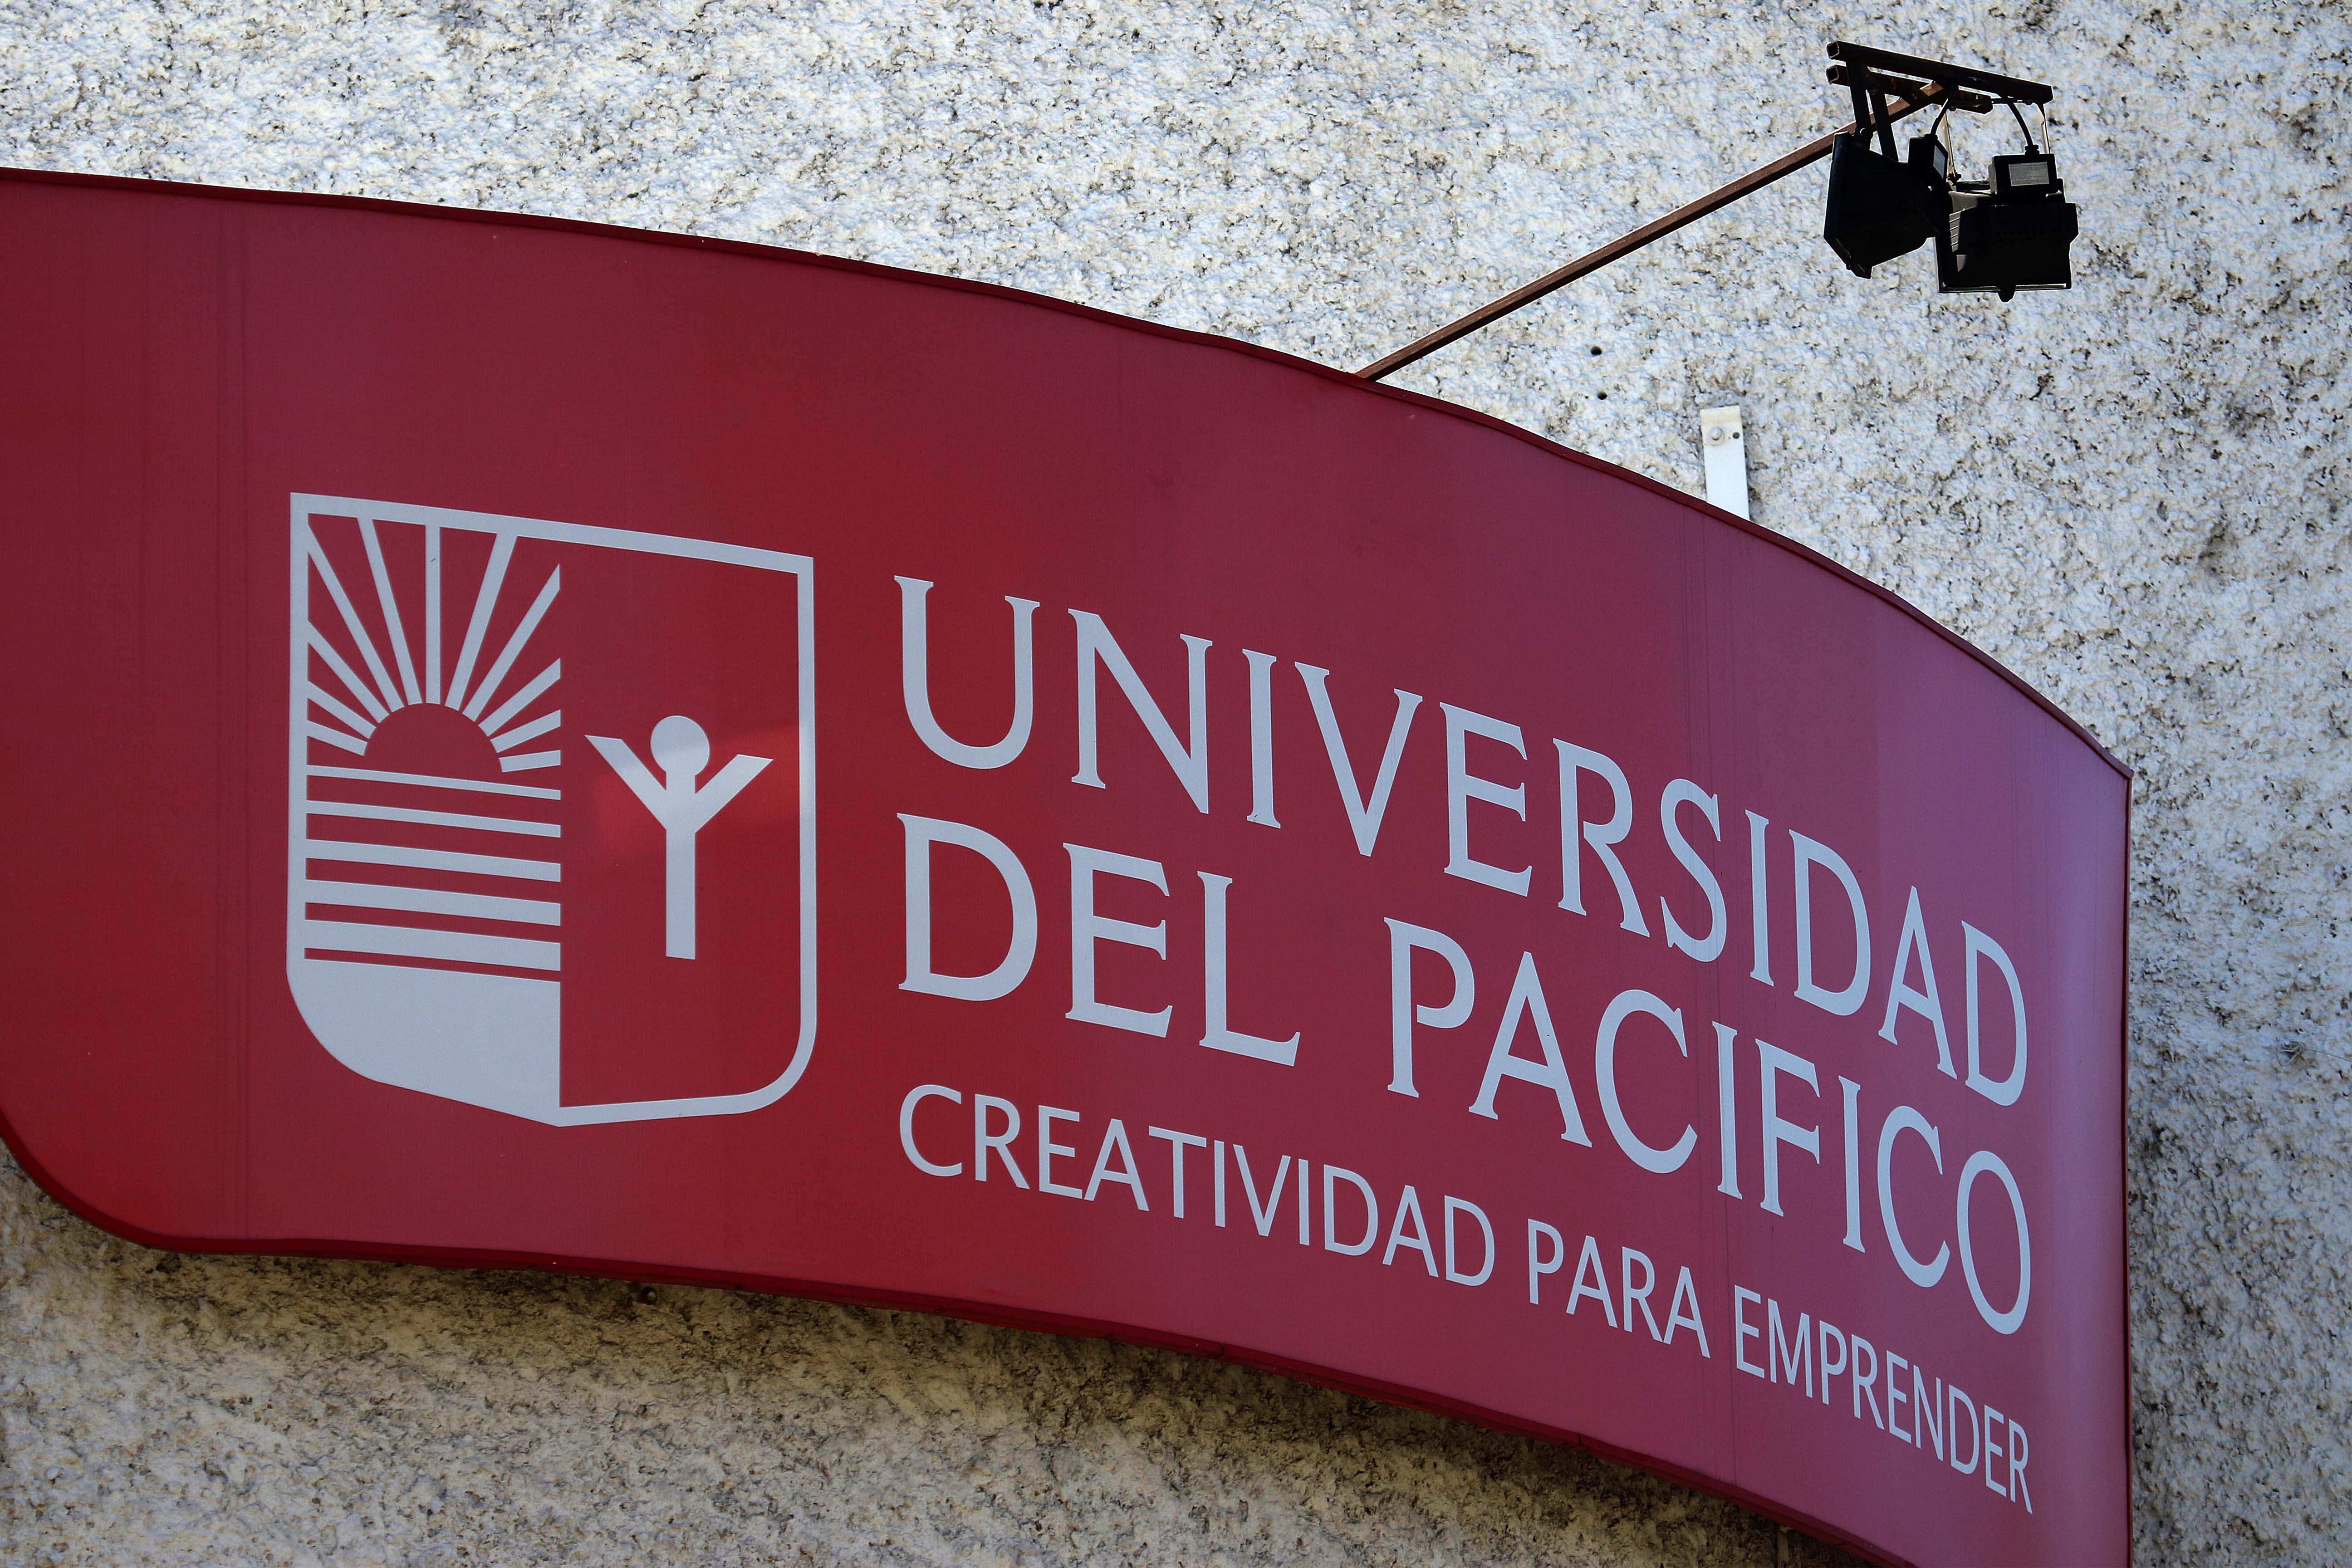 Universidad Del Pacifico cierre